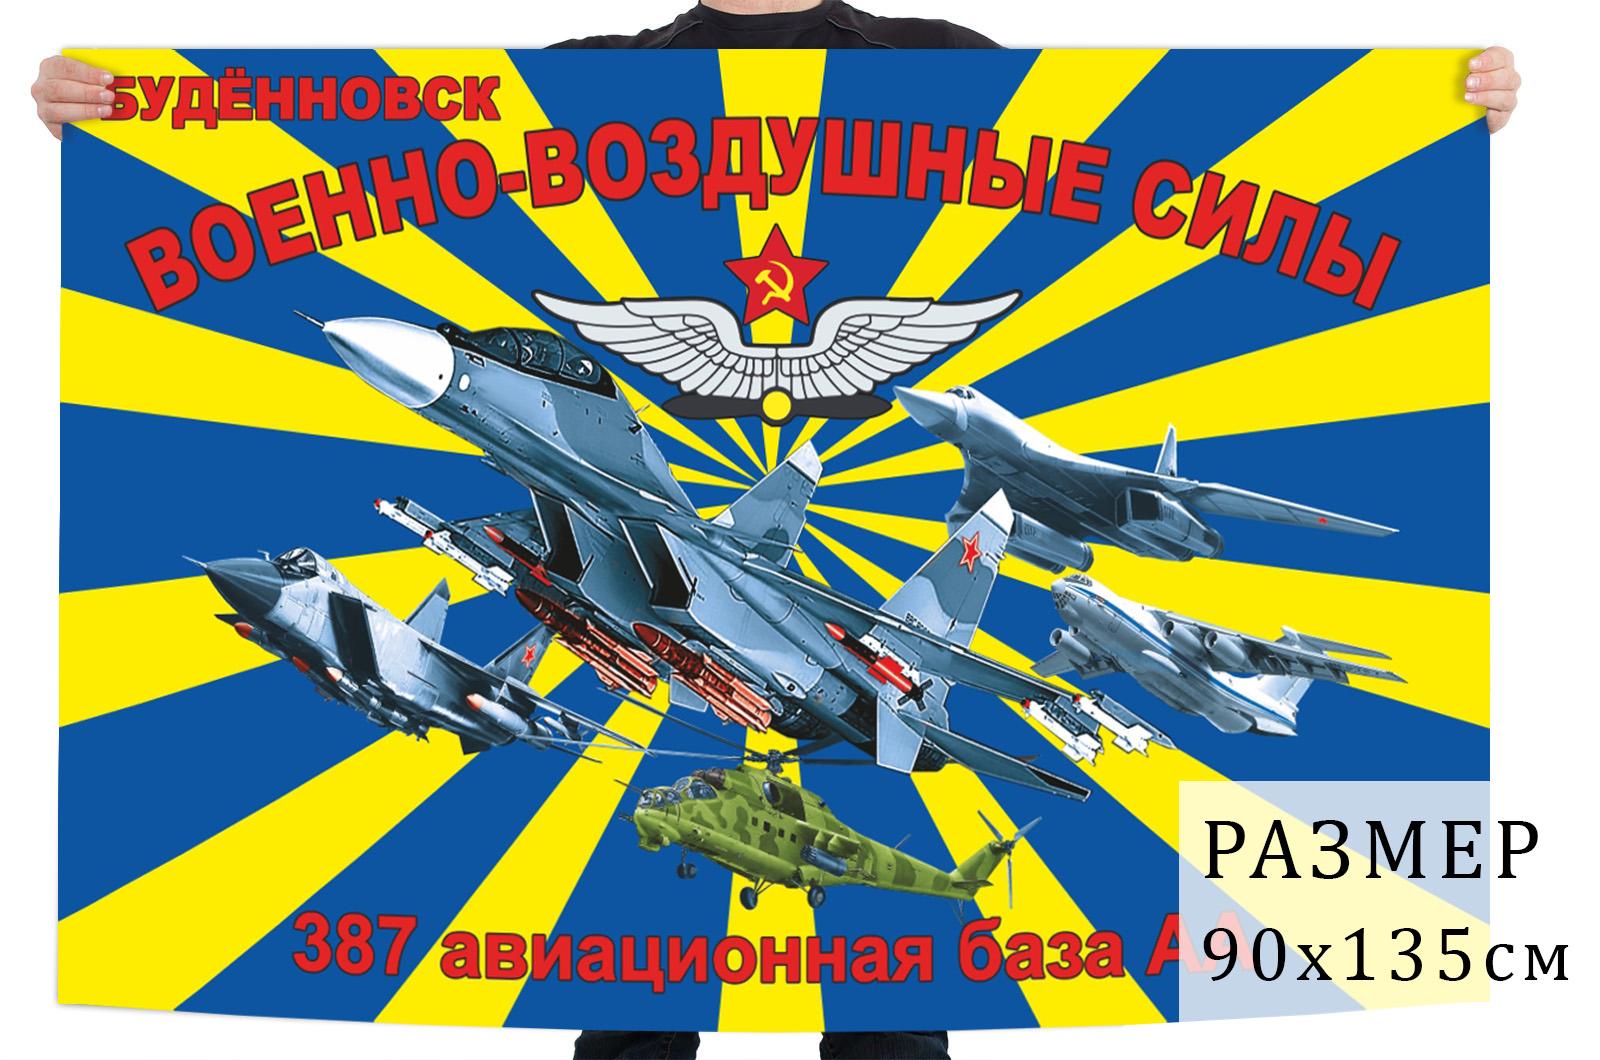 Флаг 387 авиационной базы армейской авиации